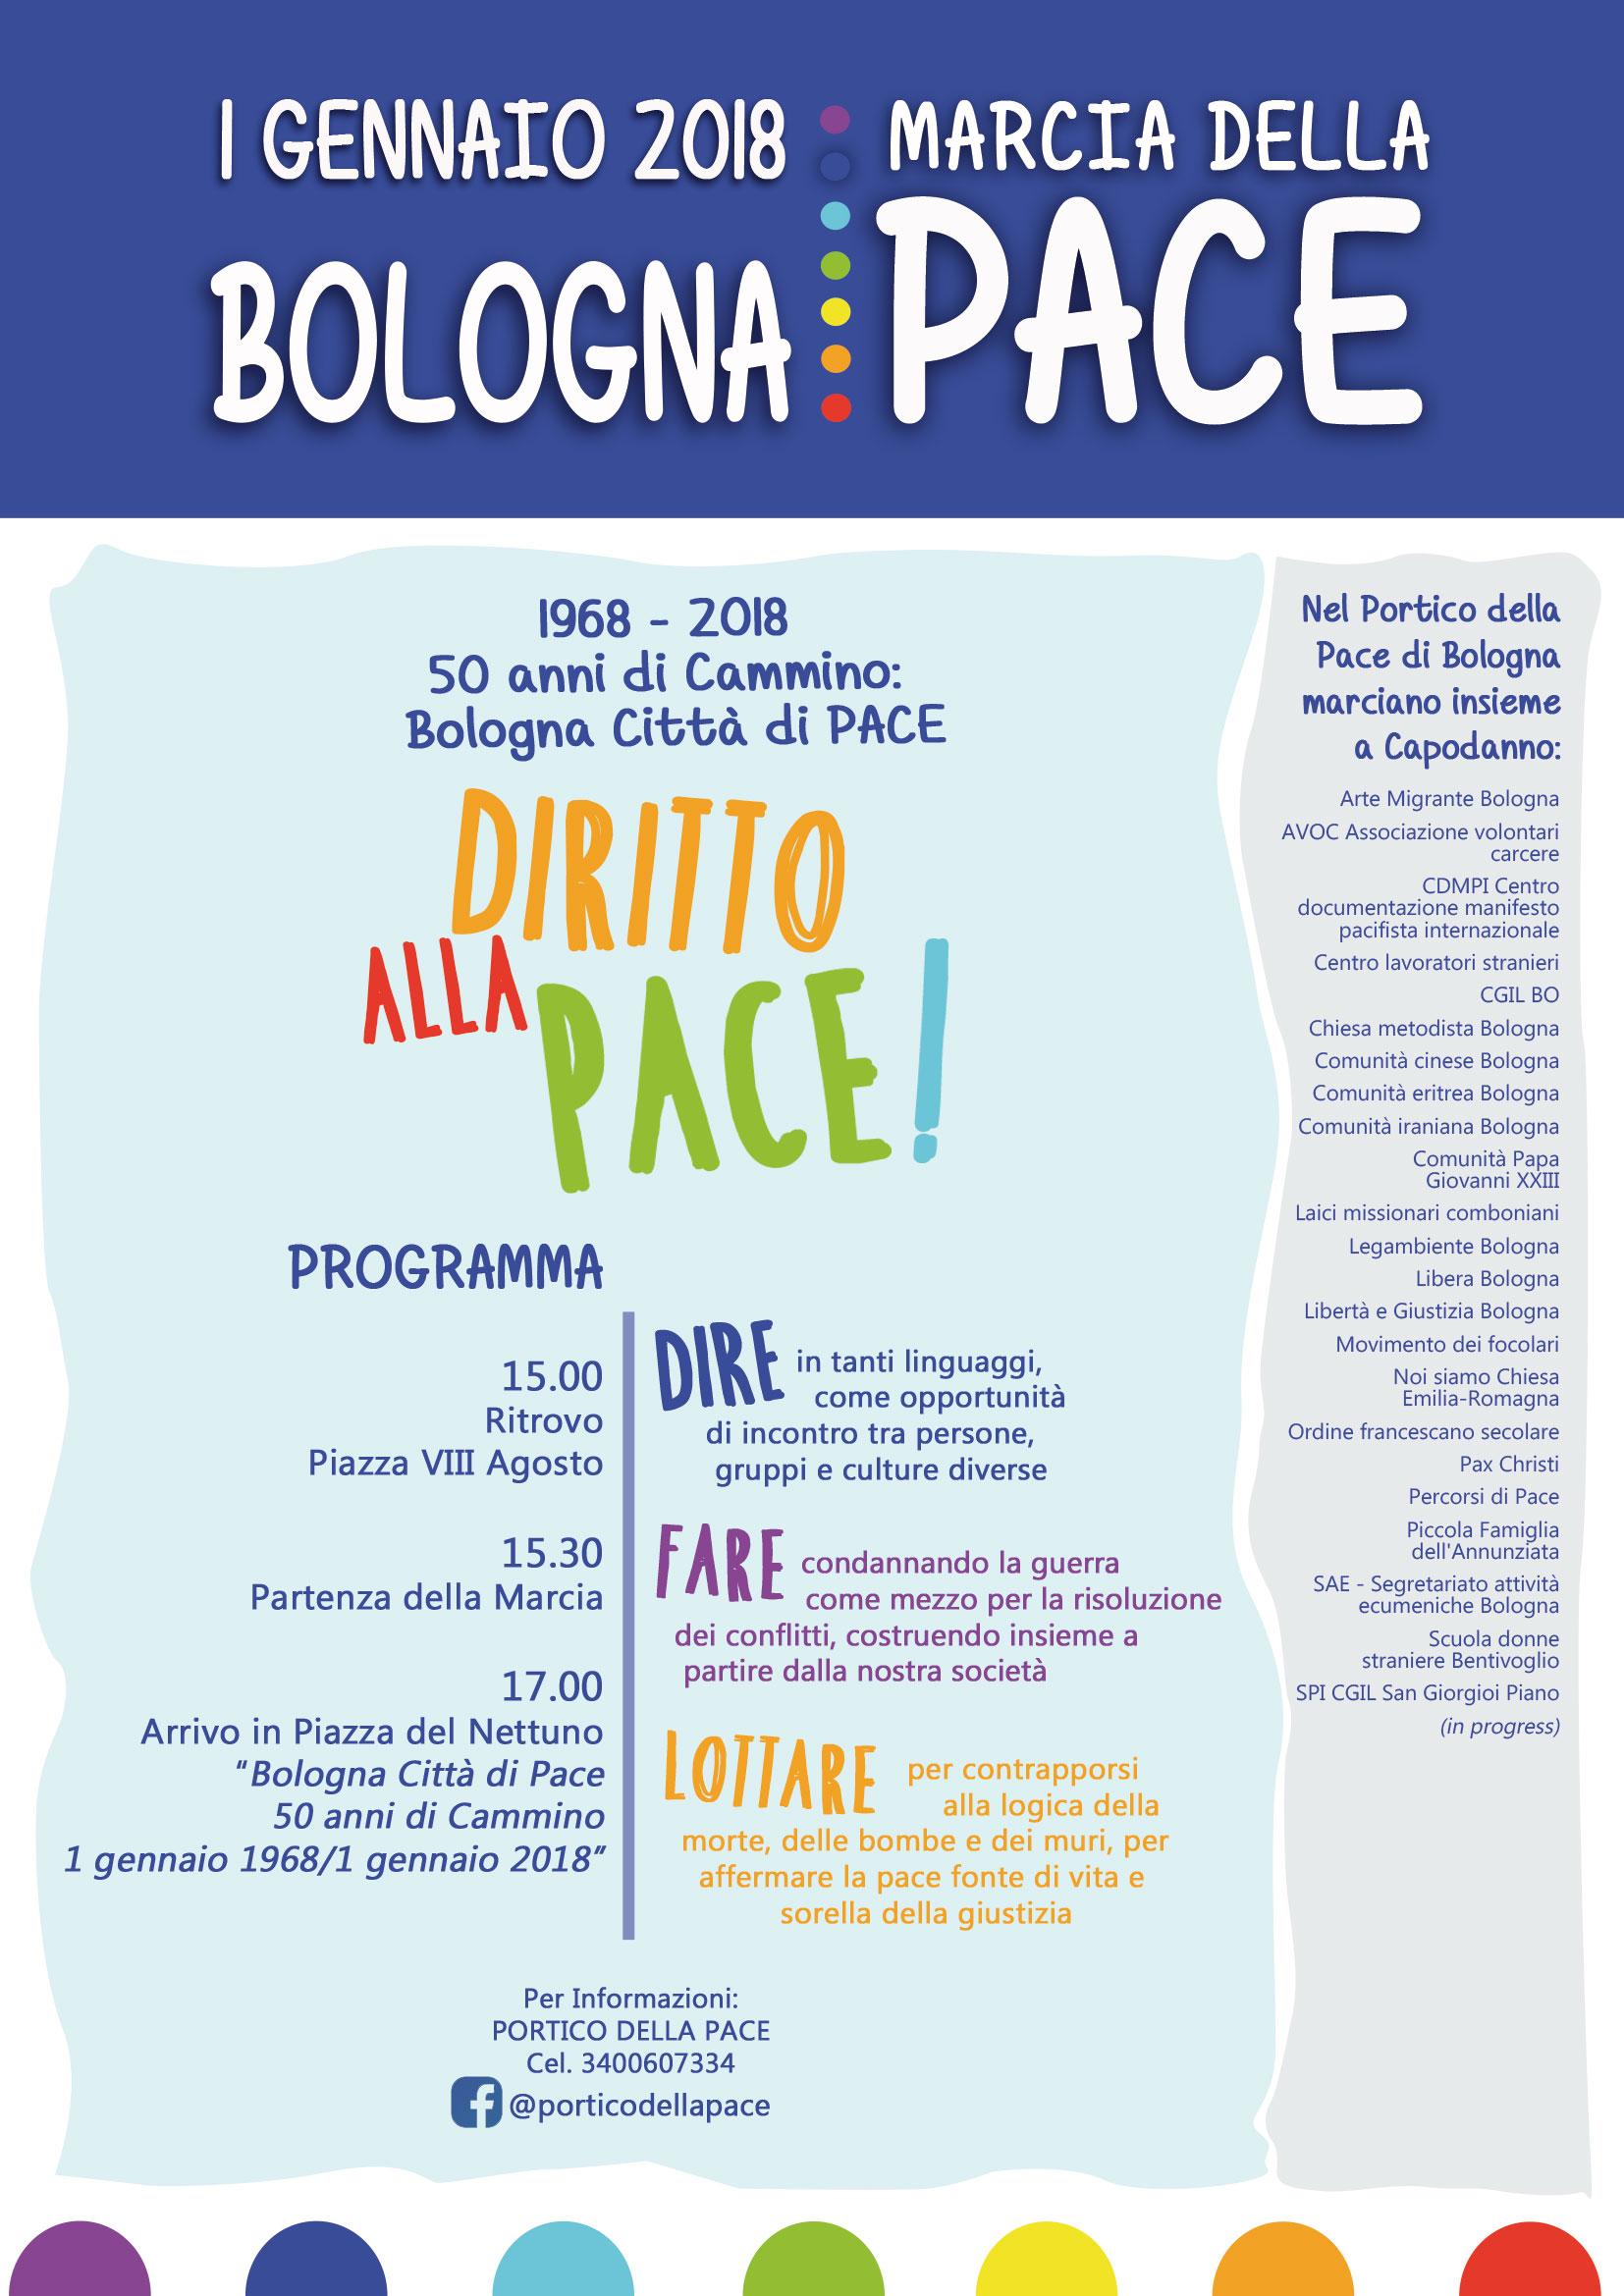 1 Gennaio A Bologna La Marcia Della Pace